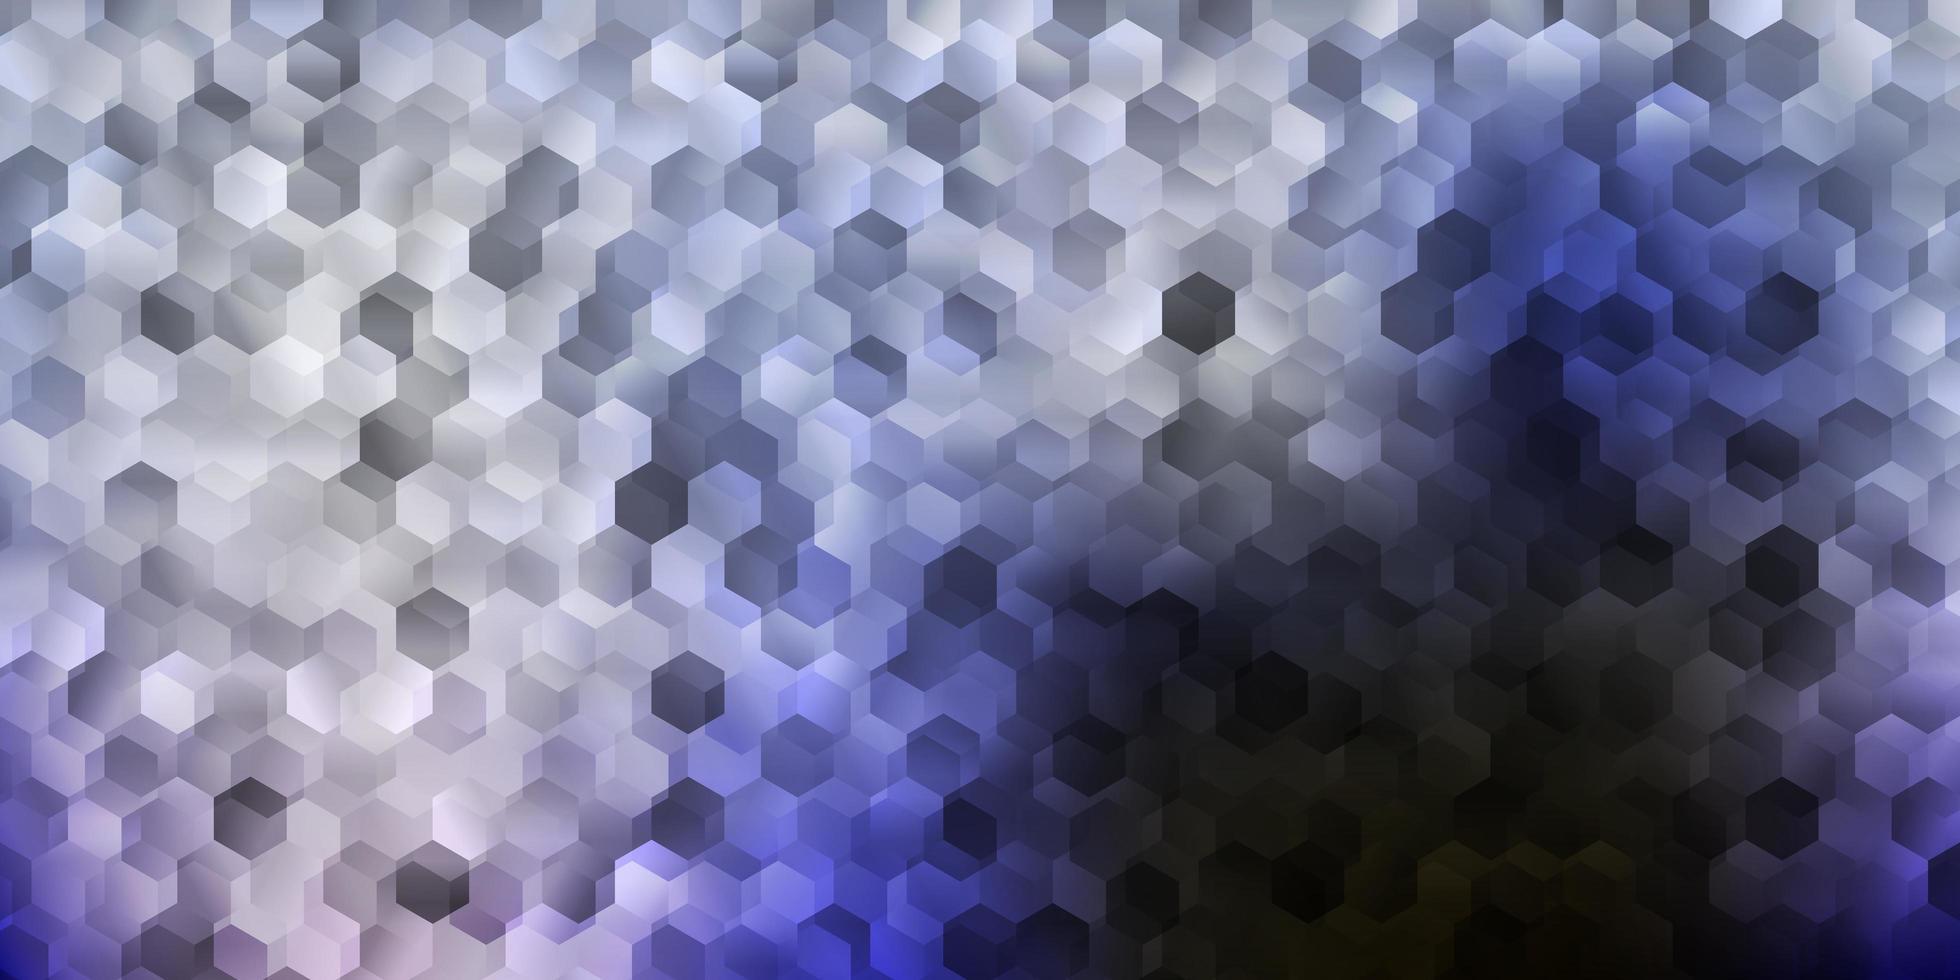 trama blu con forme geometriche. vettore